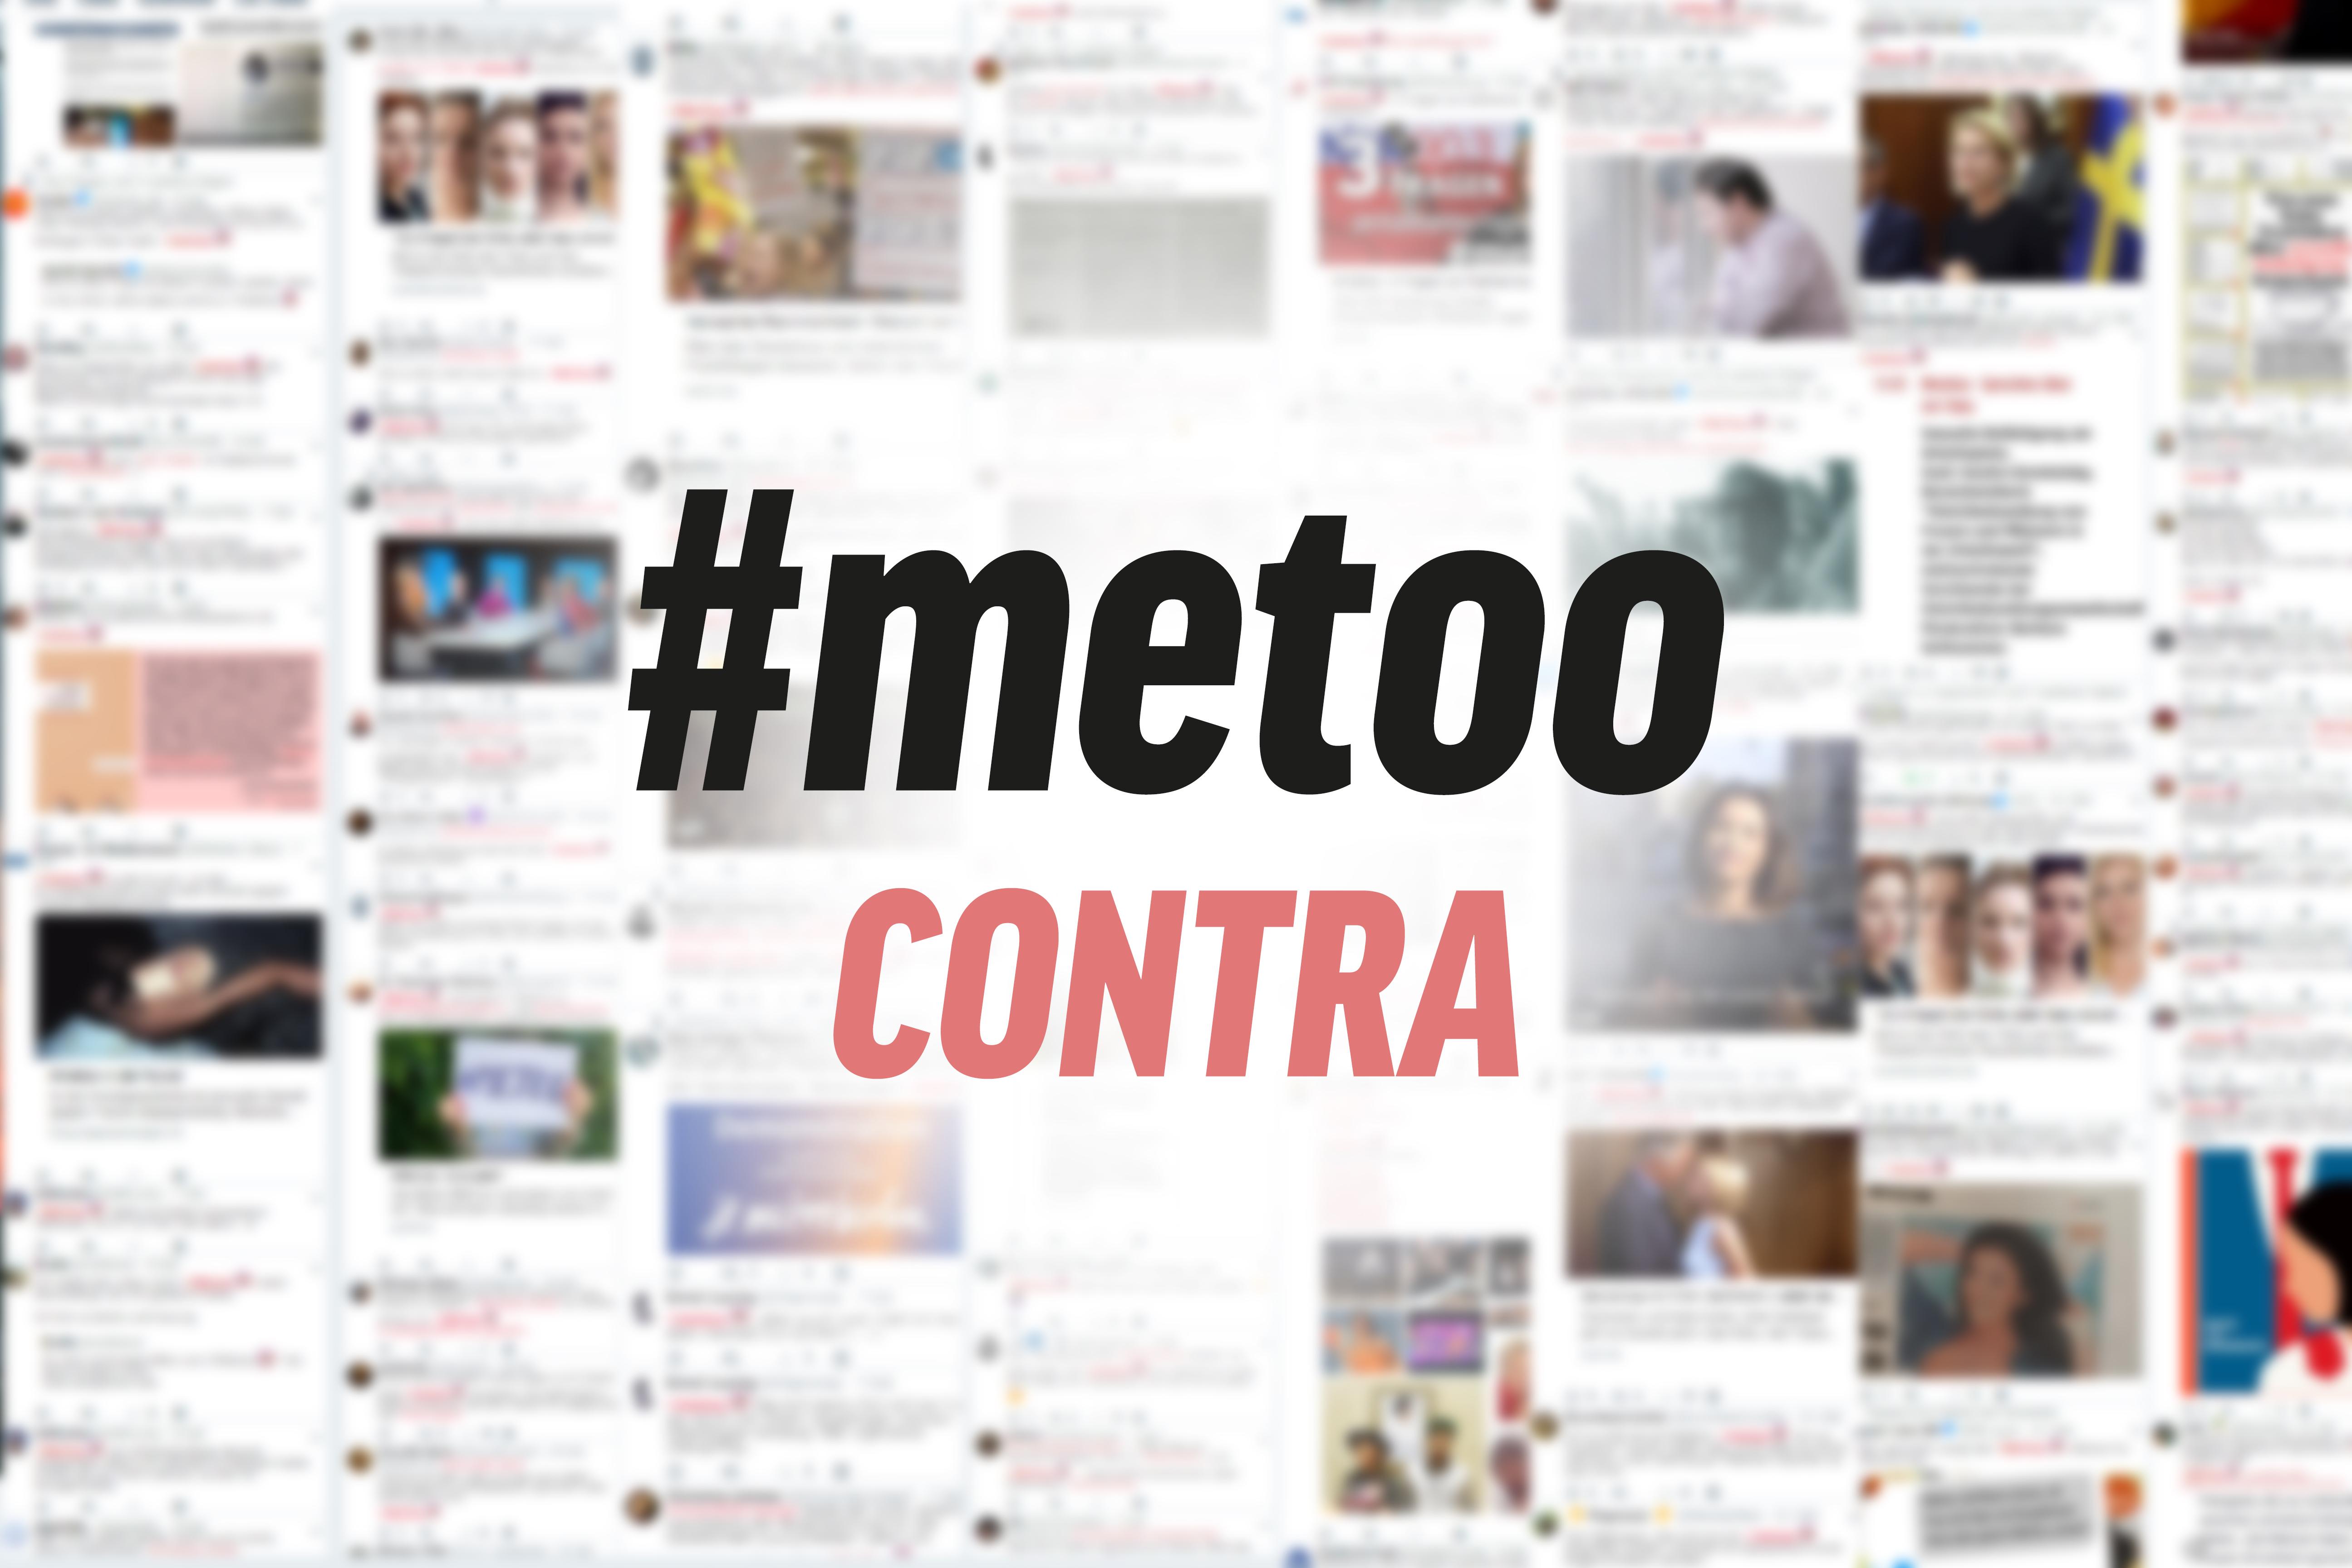 Ich will nicht auf das was mir passiert ist reduziert werden Warum #metoo nichts bringt. Ein Kommentar.